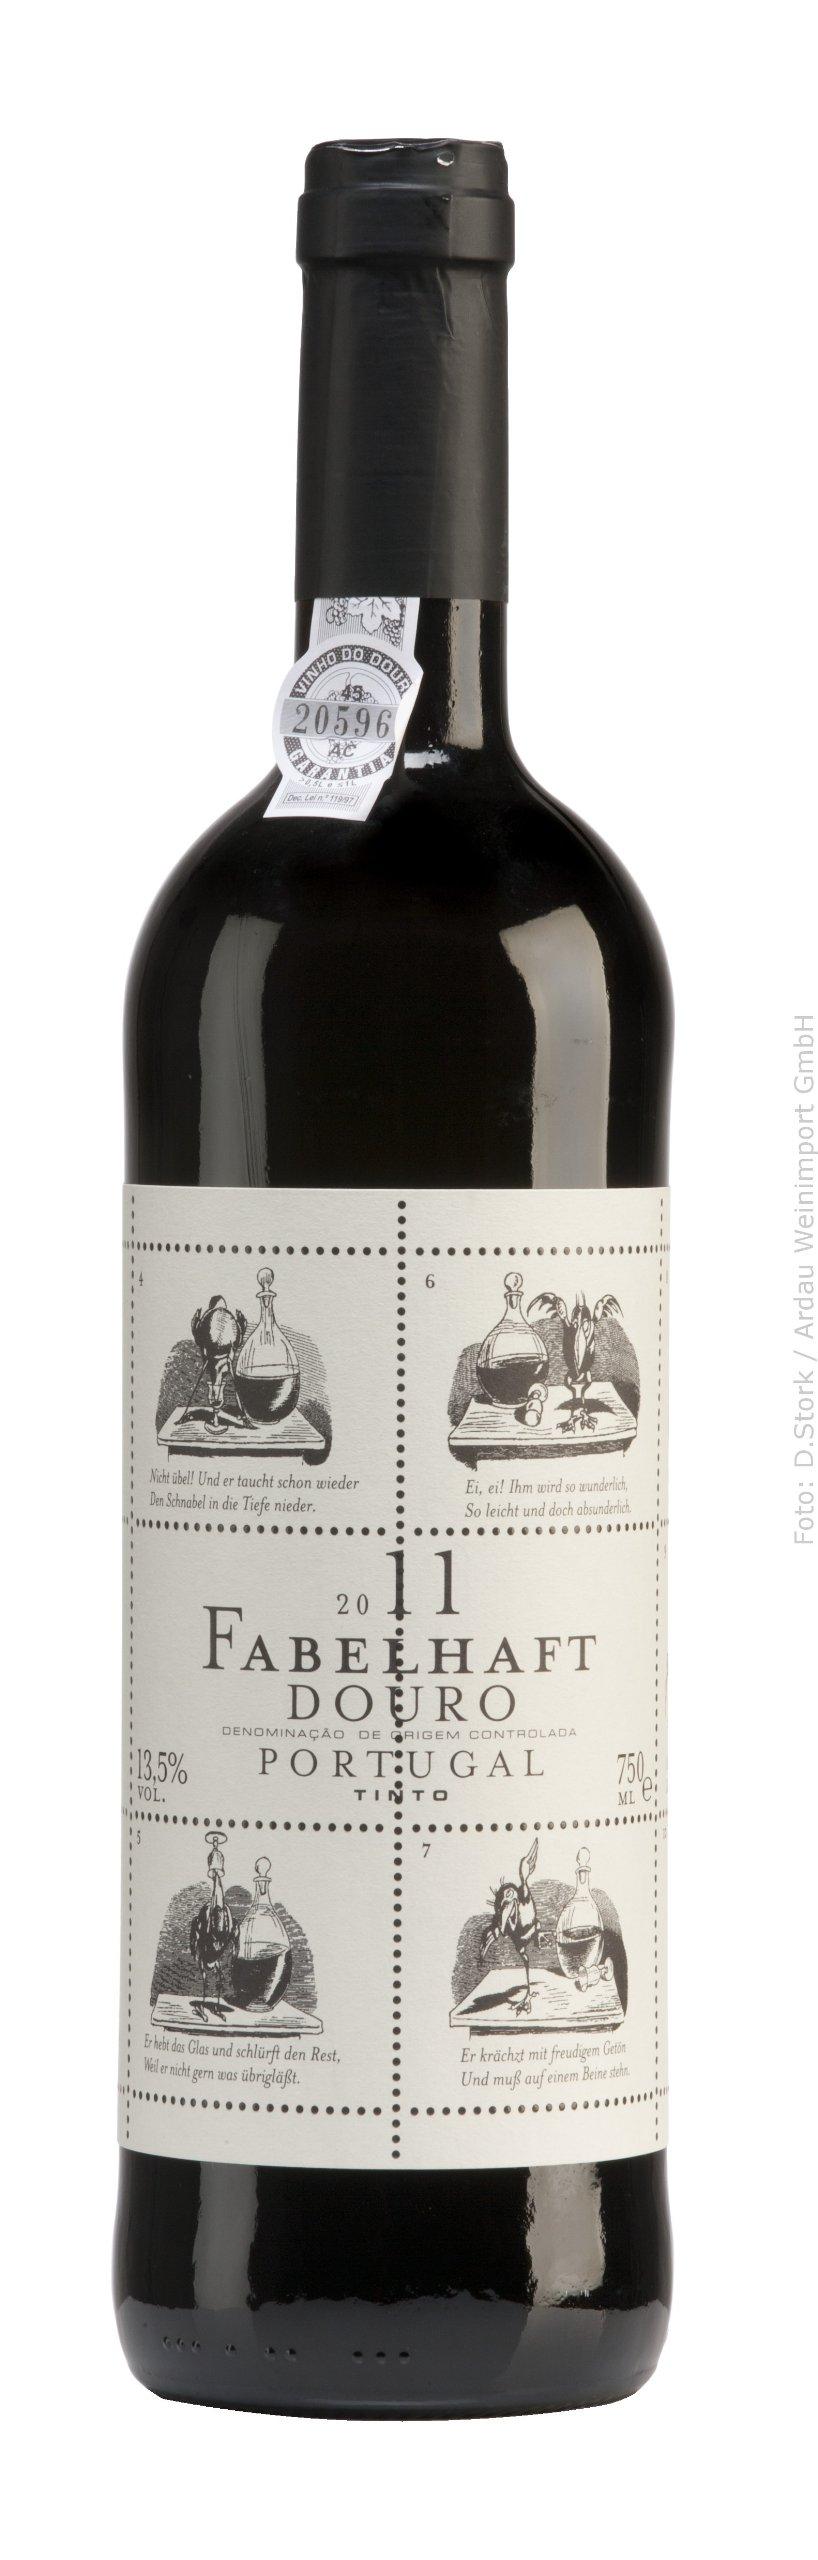 Fabelhaft-Tinto-075l-3-Flaschen-im-Set